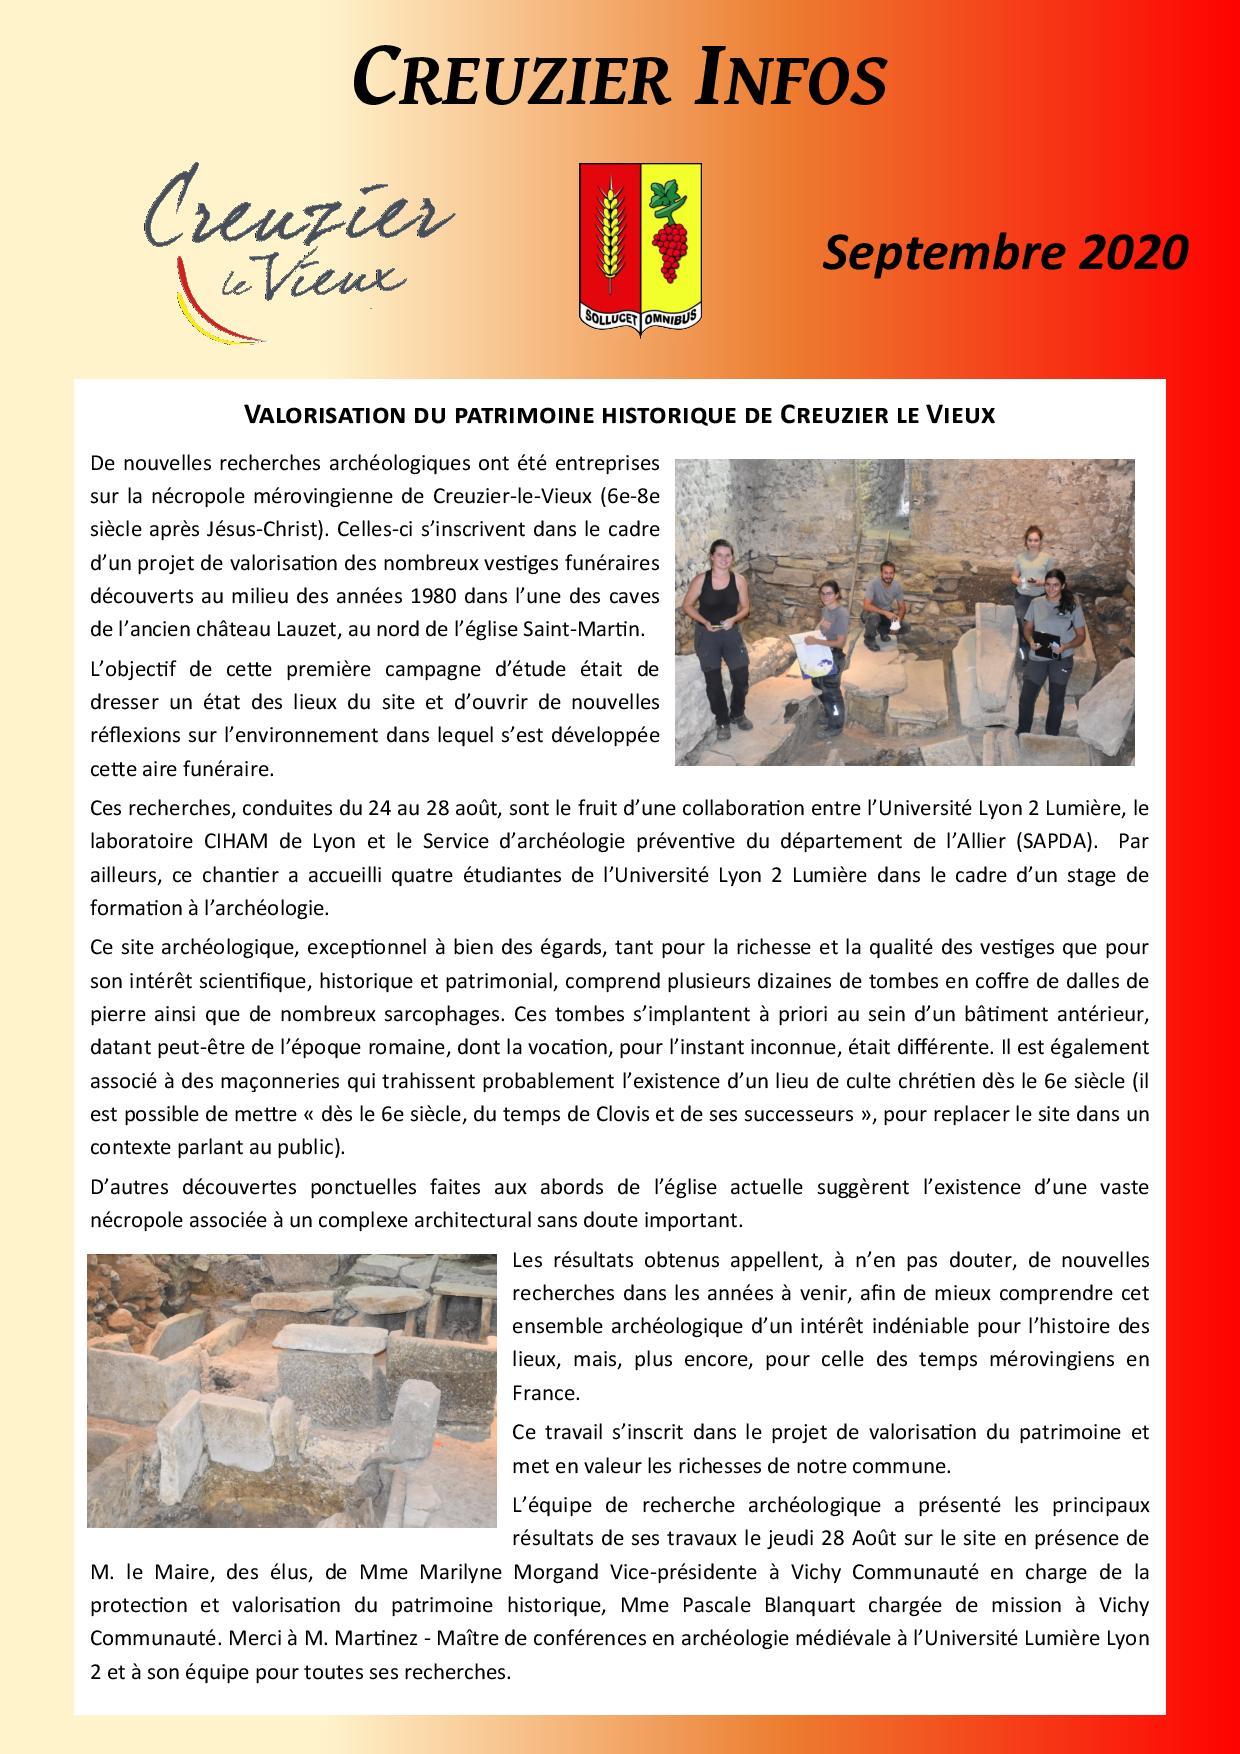 https://www.creuzier-le-vieux.com/wp-content/uploads/2019/11/tchou-dloup-21.pdf